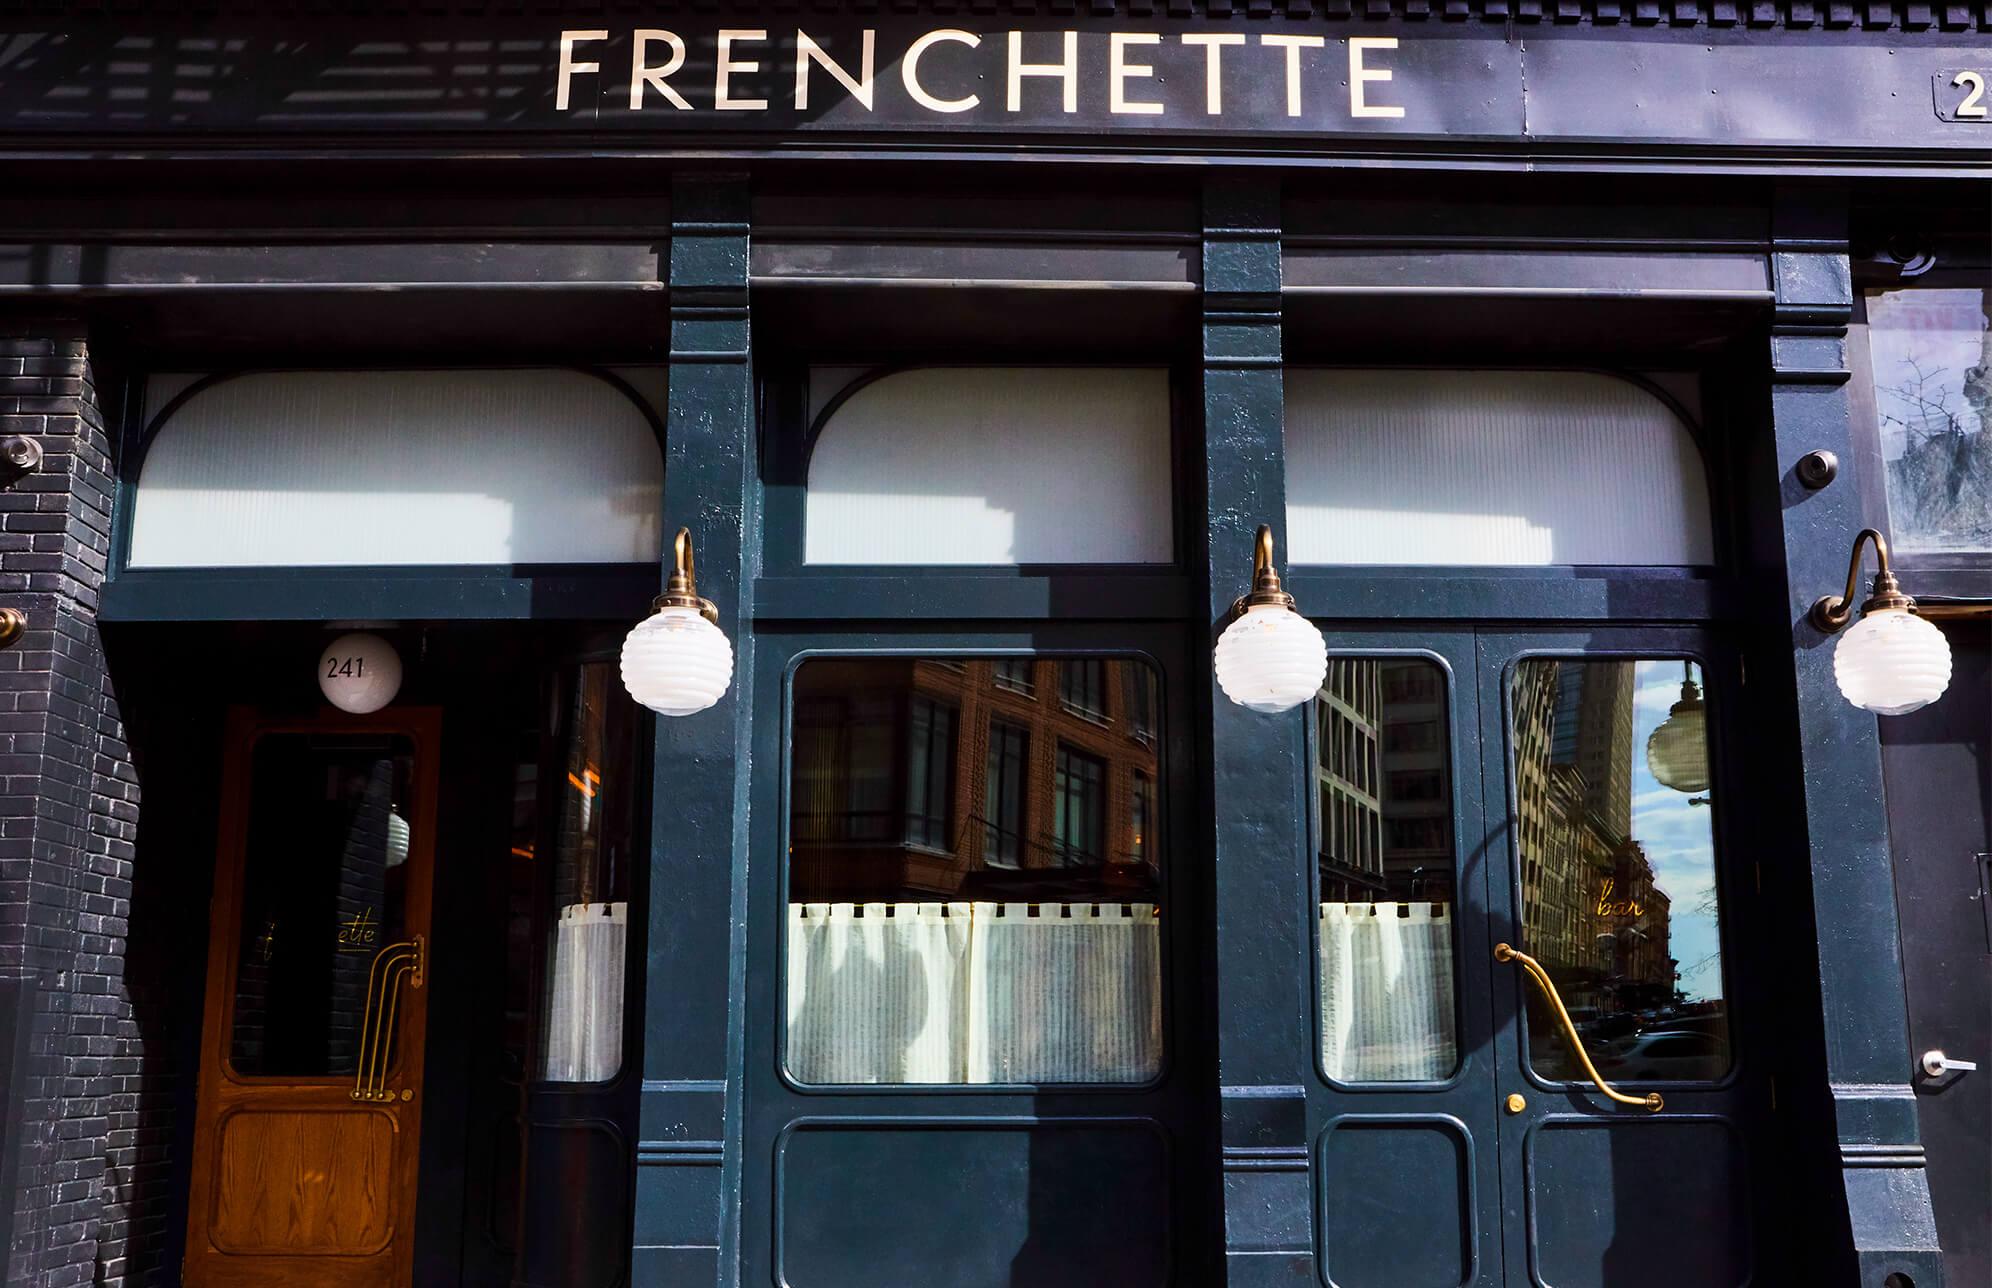 Frenchette:Restaurant near new york city center